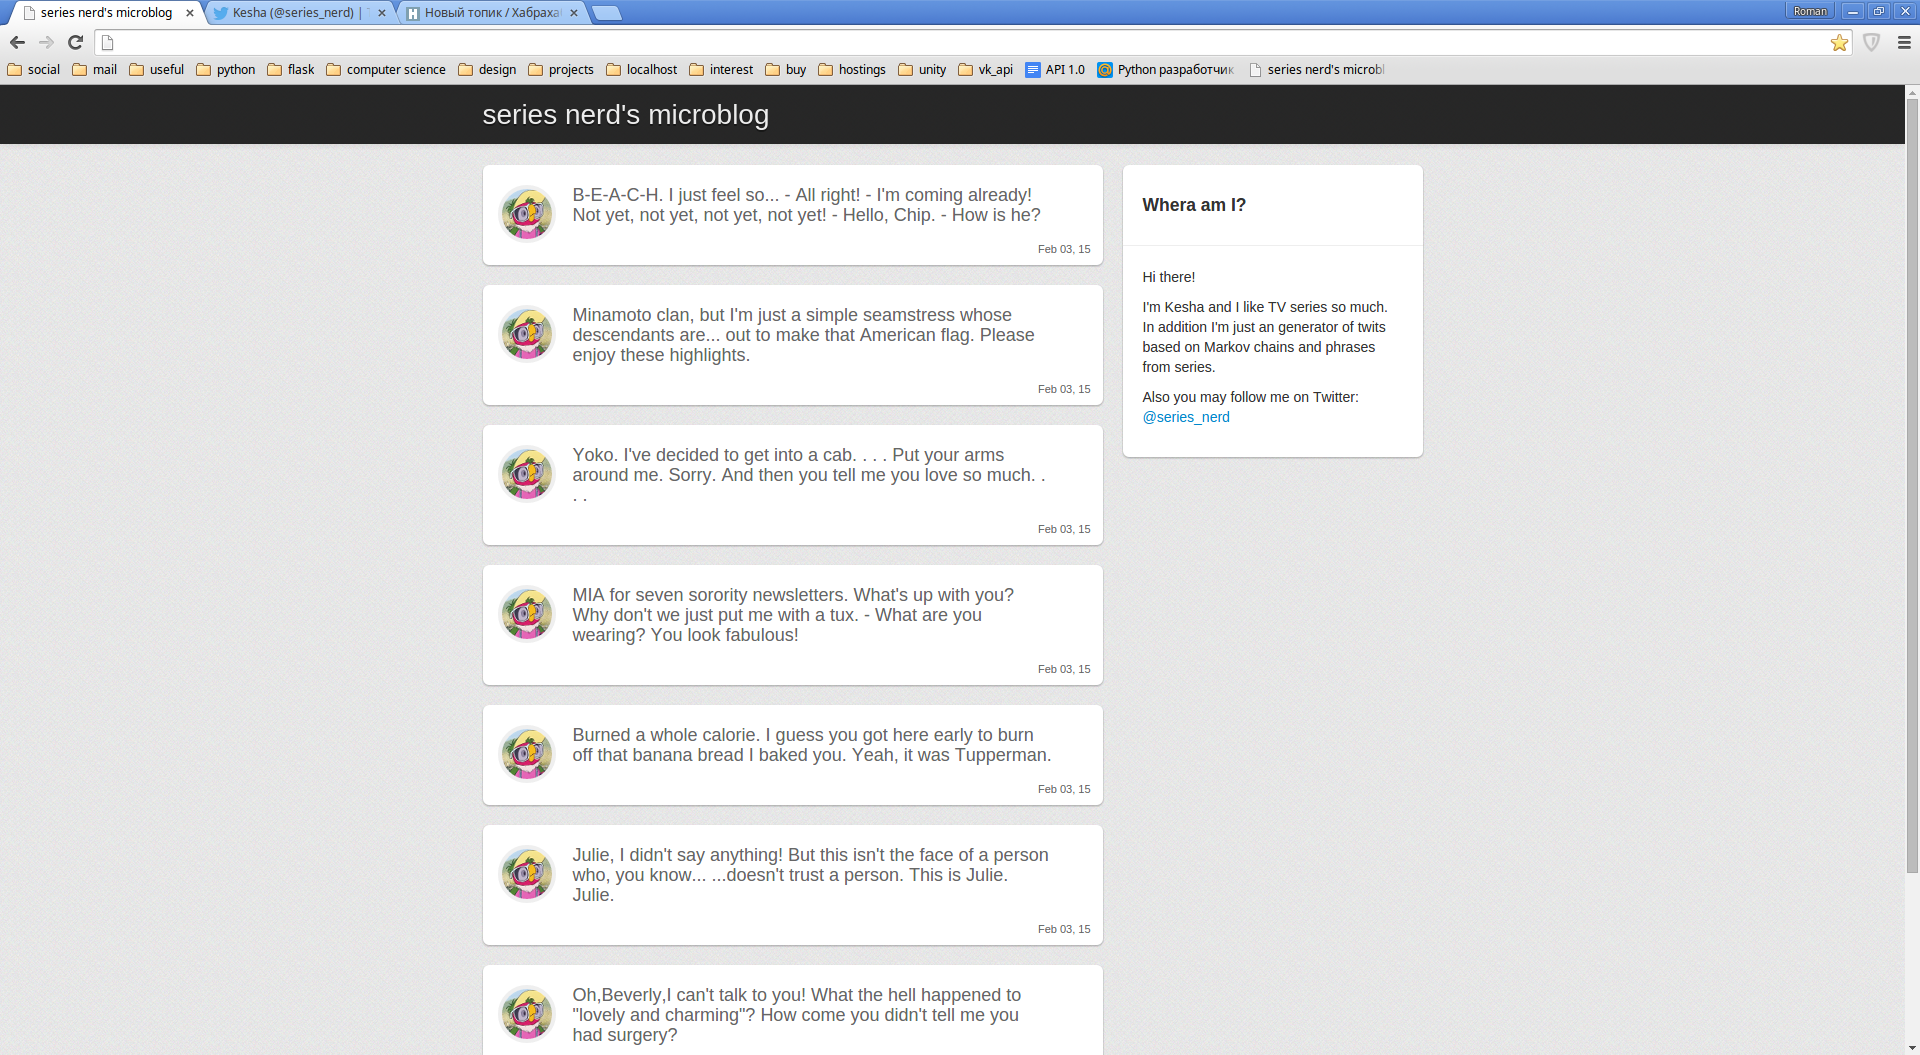 Twitter-бот на основе цепей Маркова и фраз из сериалов - 2